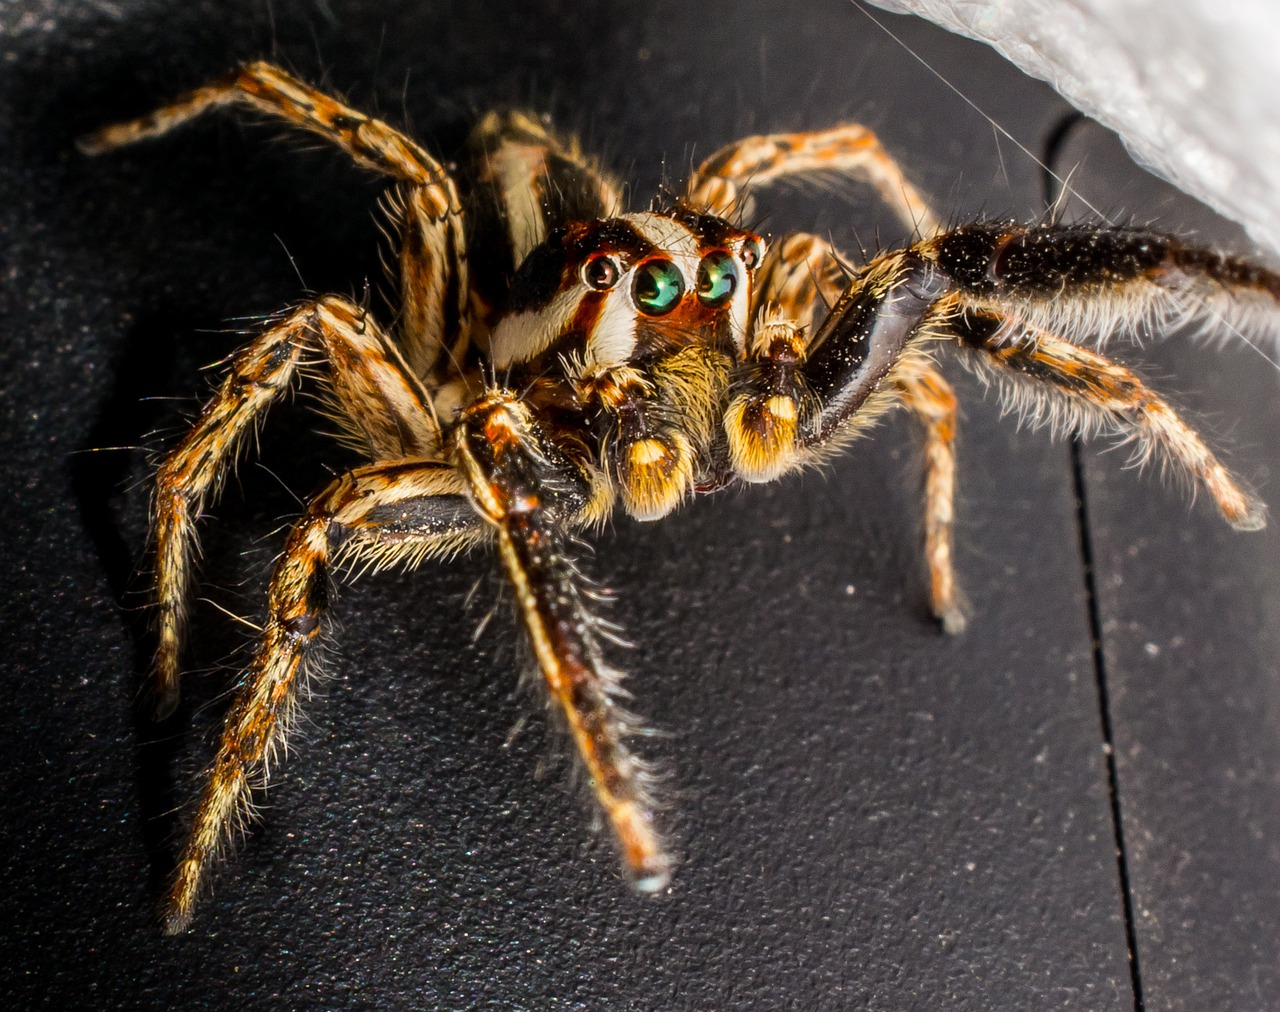 Именем азамат, прикольная картинка паука